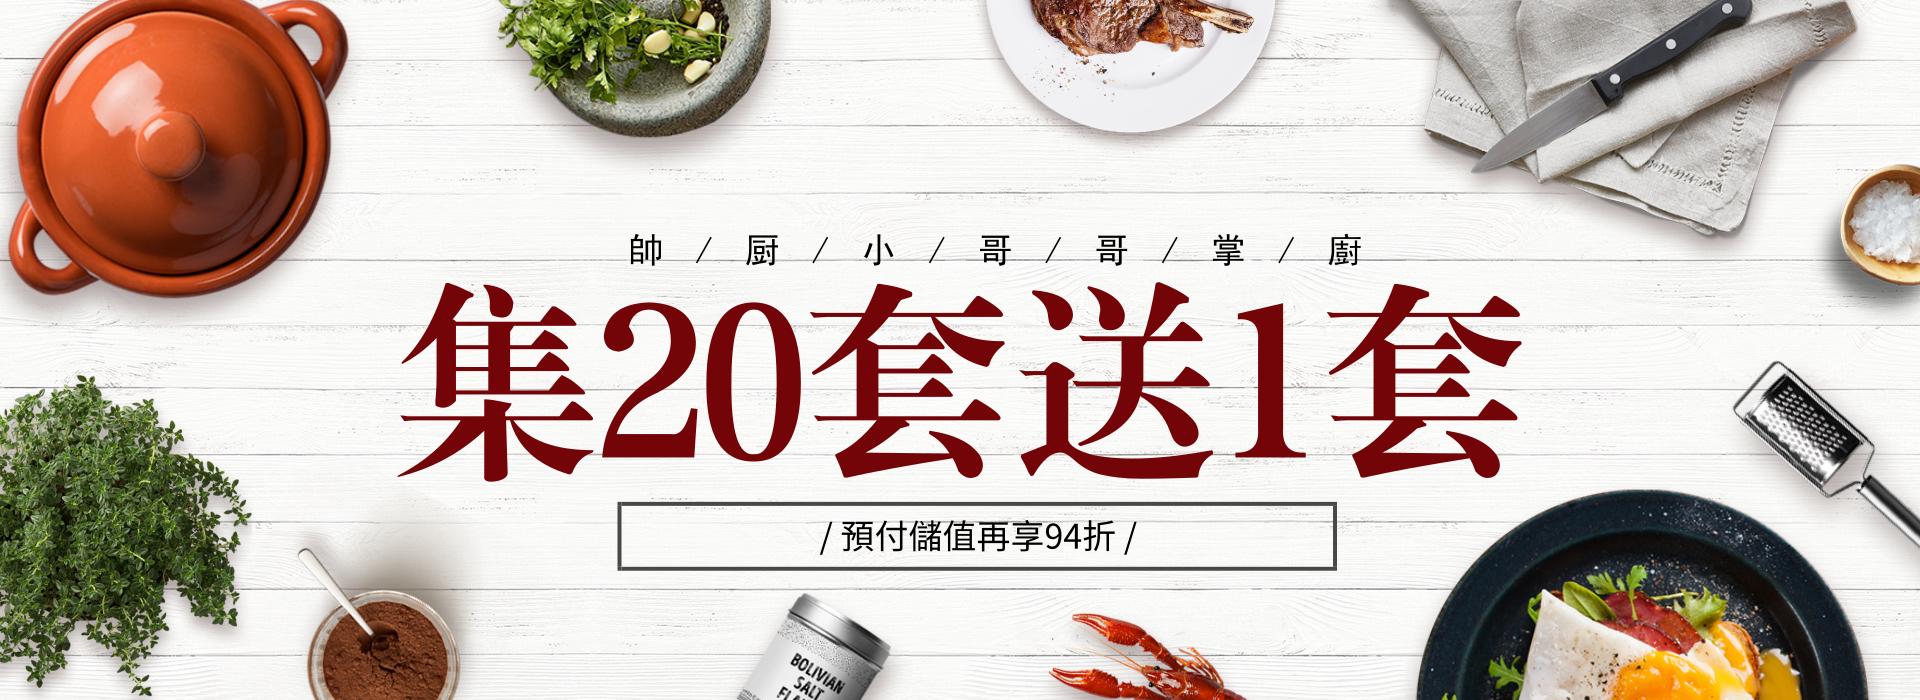 默认标题_全屏海报(大)_2019.03.28 (3).png